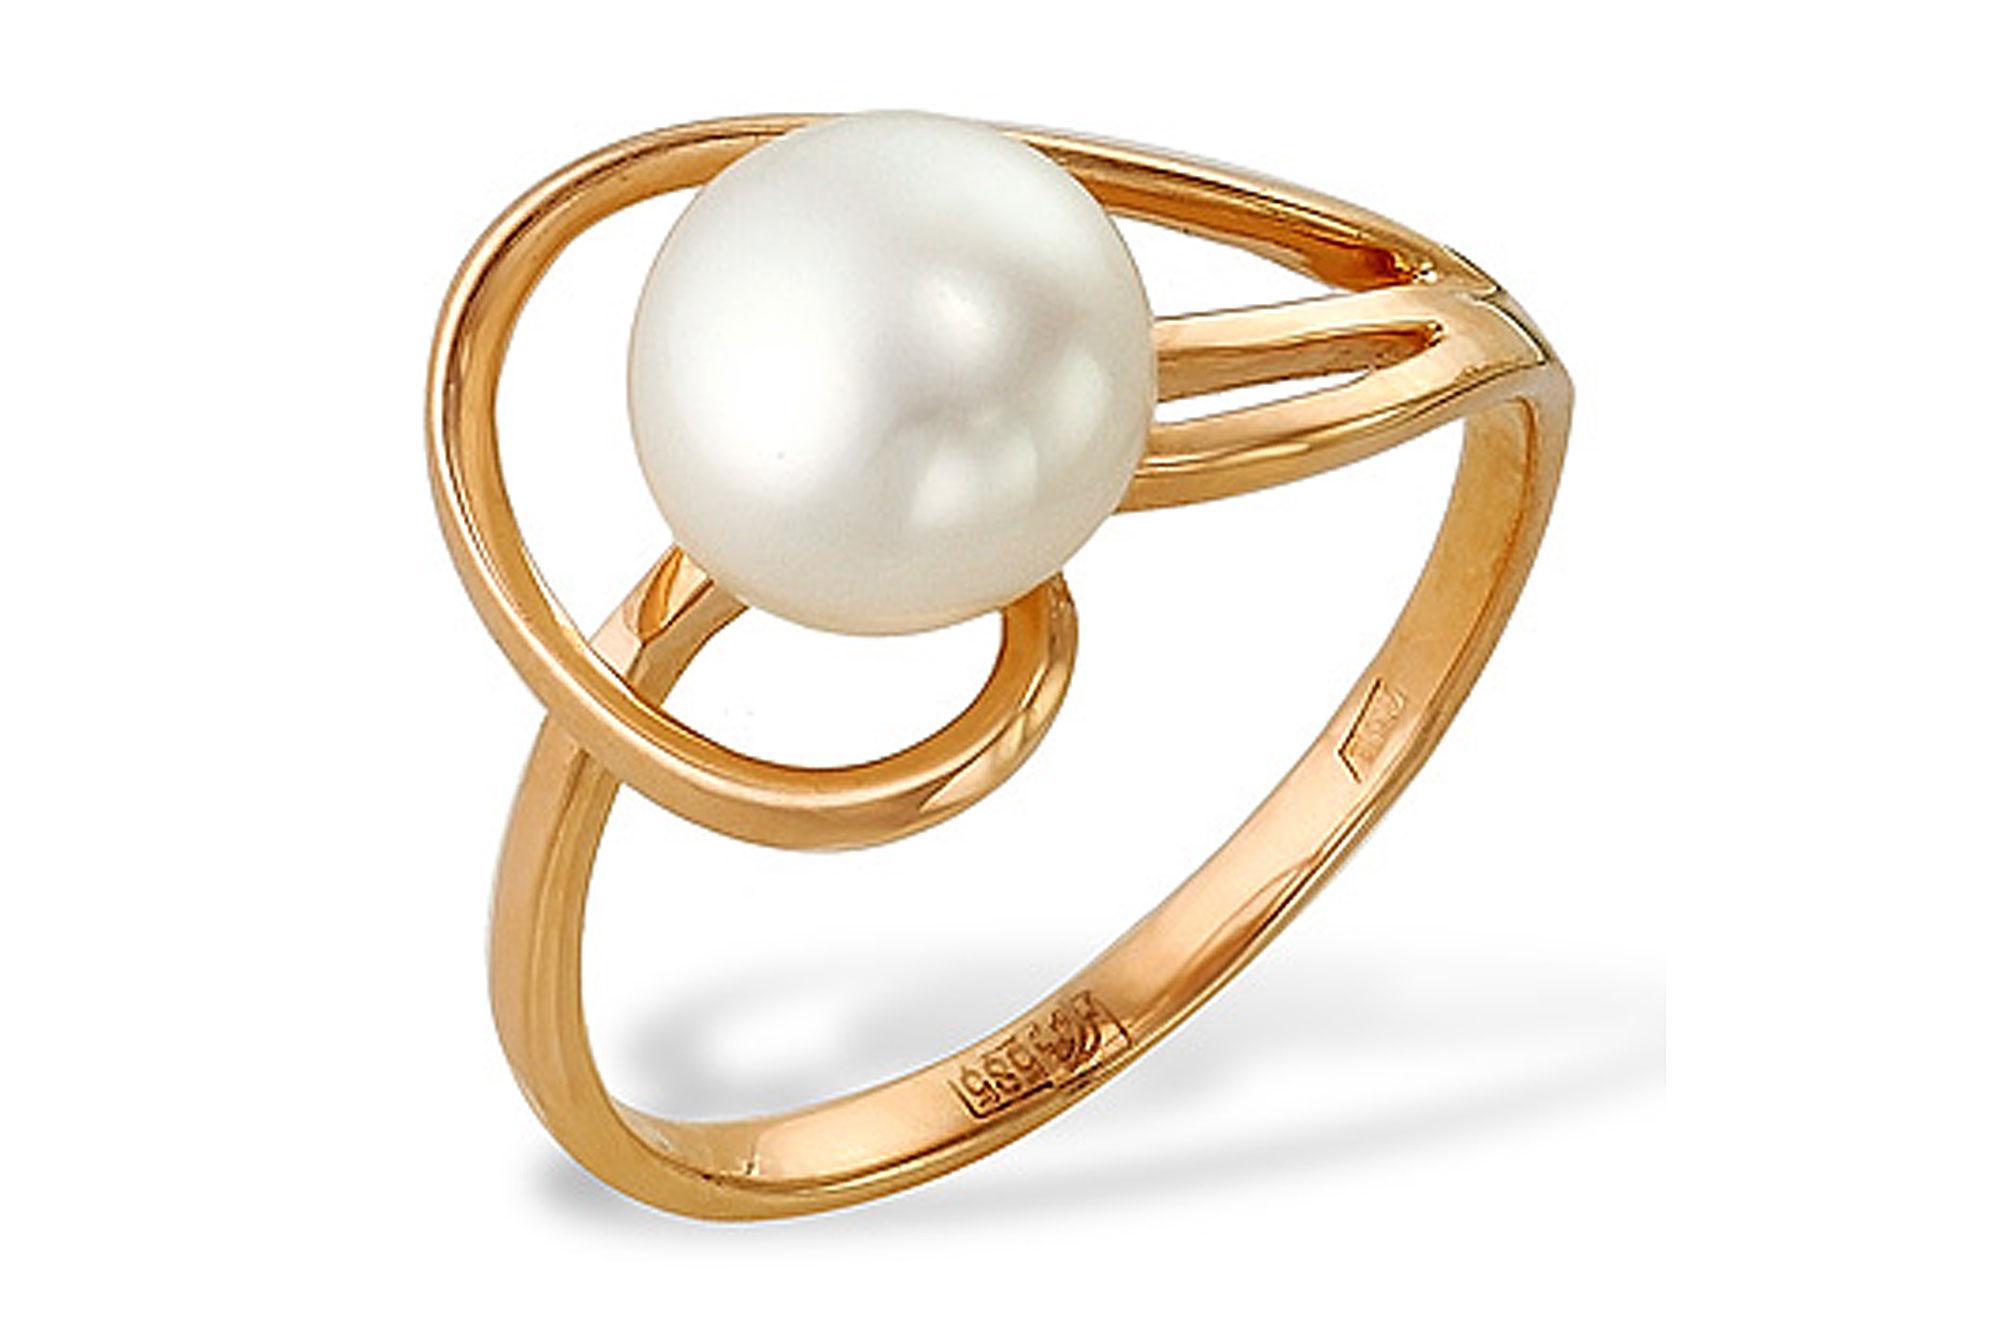 Кольцо из красного золота с белой речной жемчужиной 7,5-8 мм